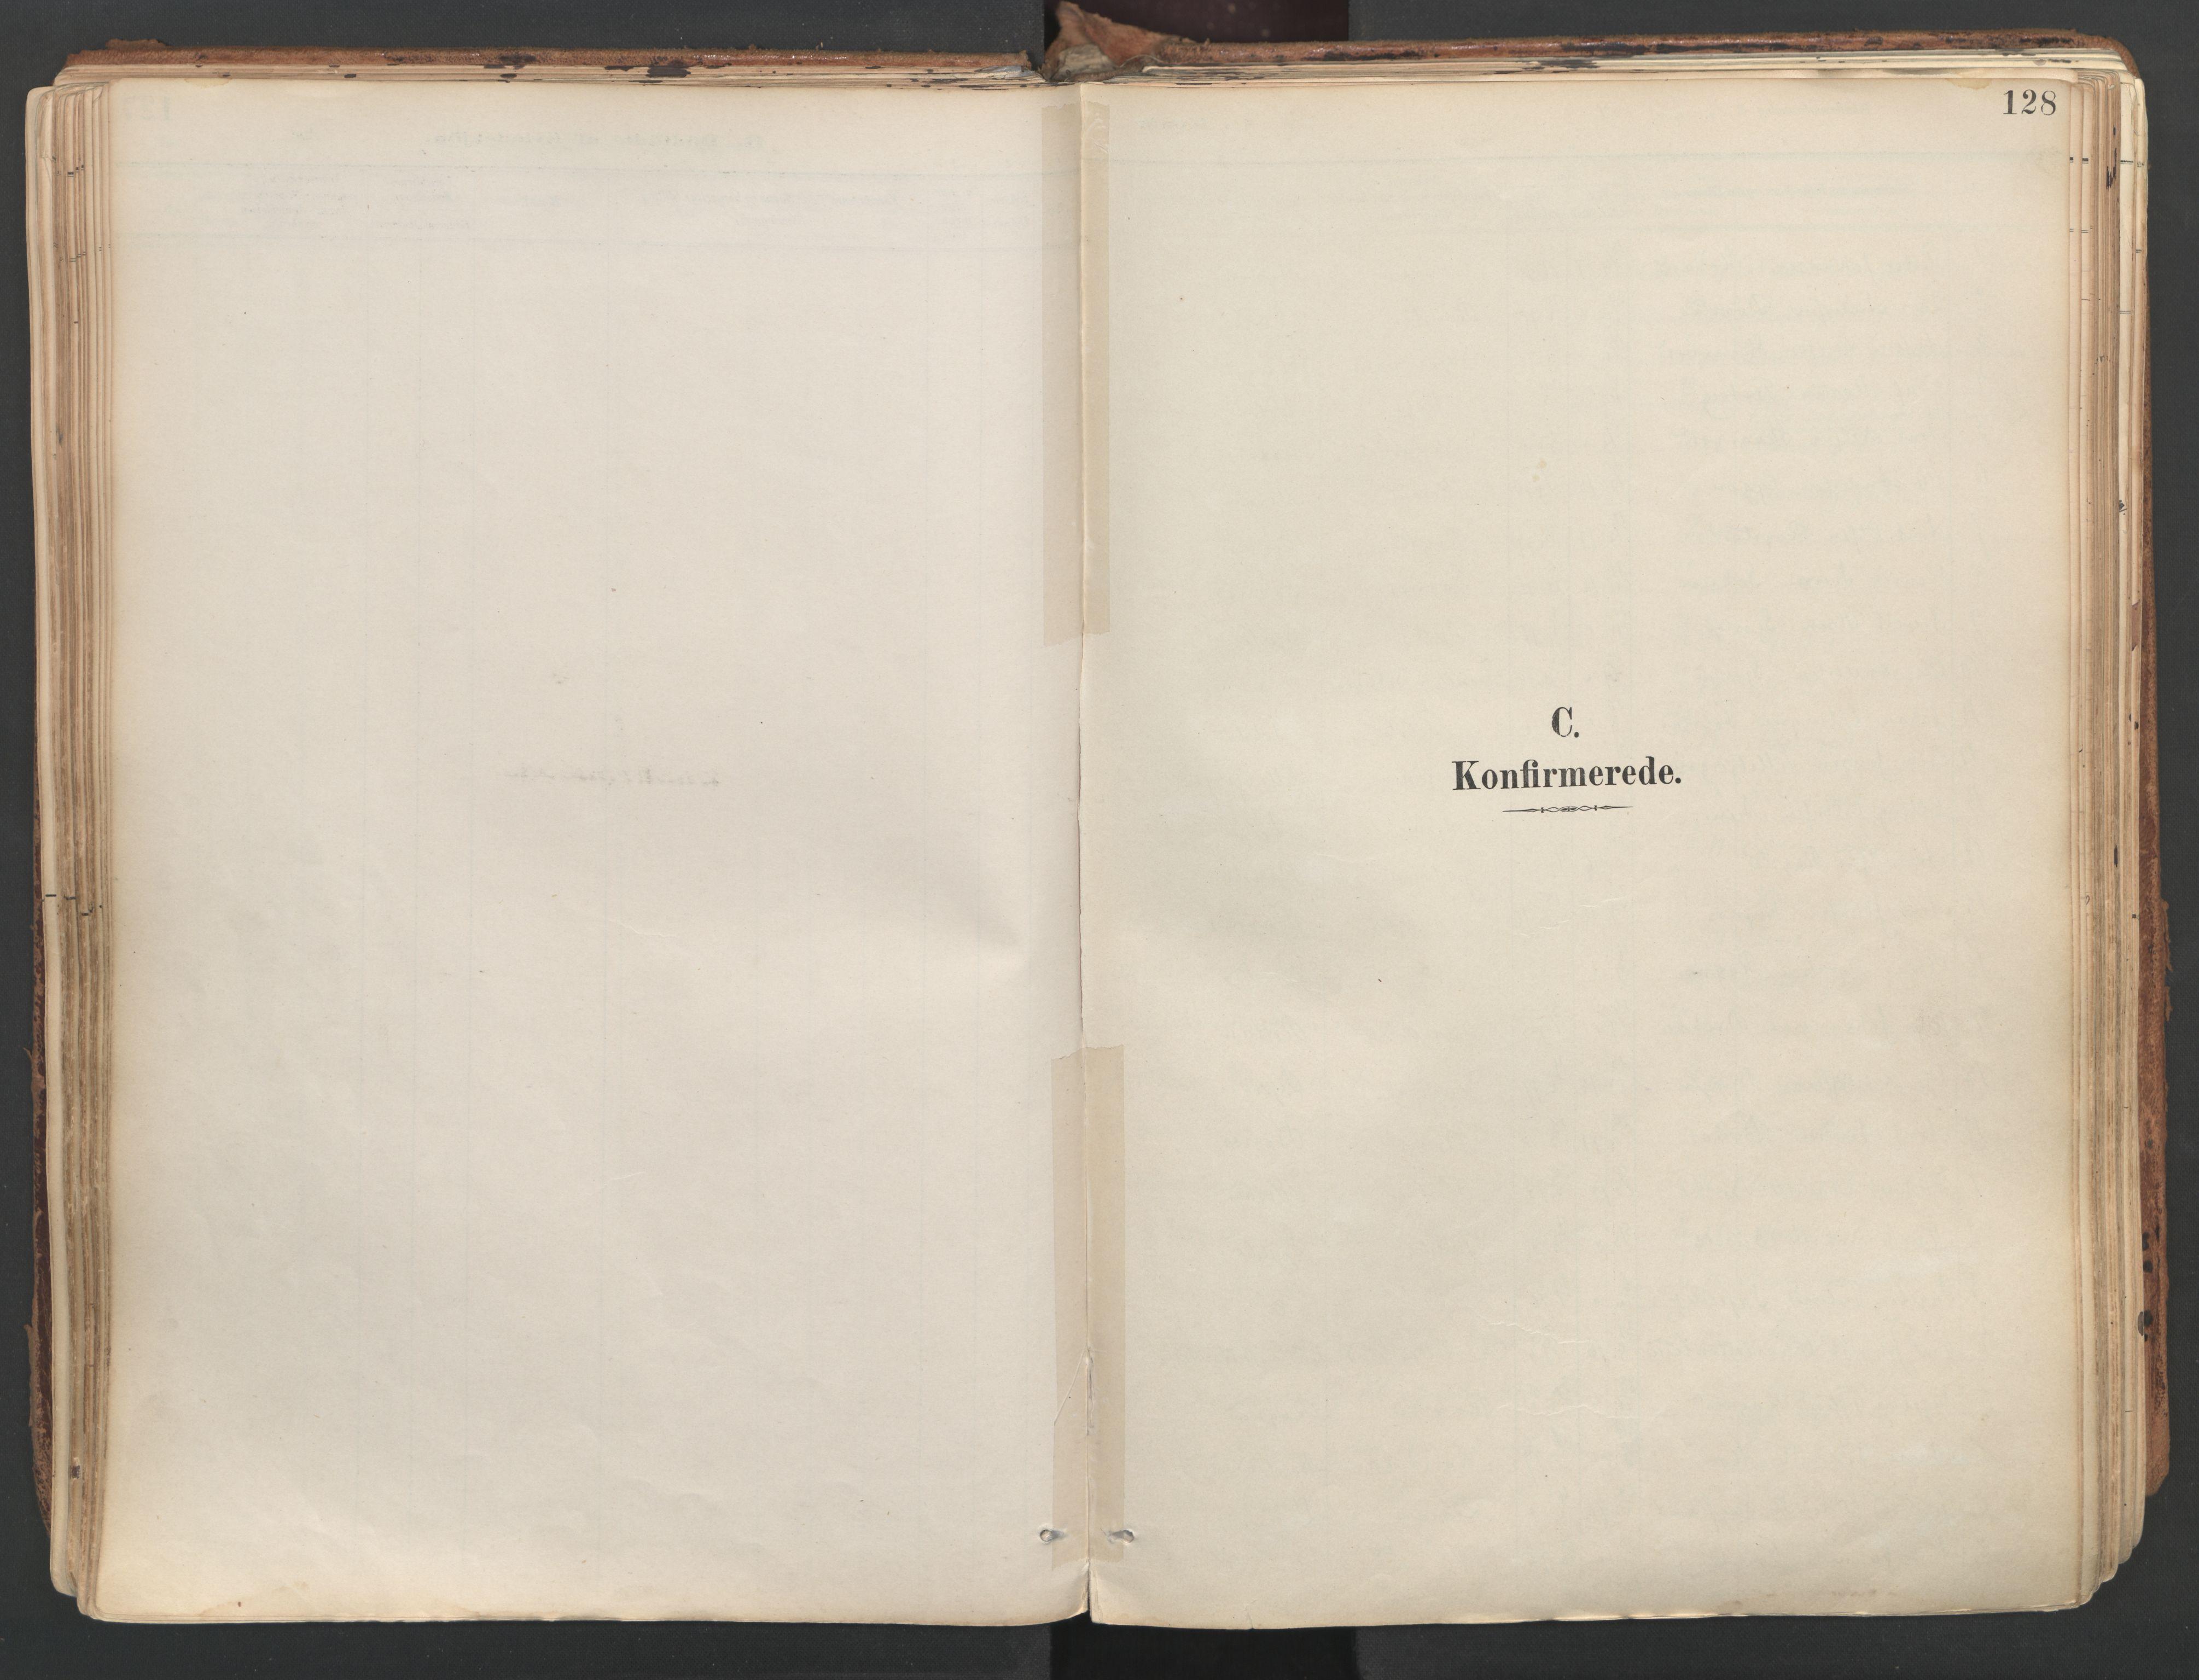 SAT, Ministerialprotokoller, klokkerbøker og fødselsregistre - Sør-Trøndelag, 687/L1004: Ministerialbok nr. 687A10, 1891-1923, s. 128